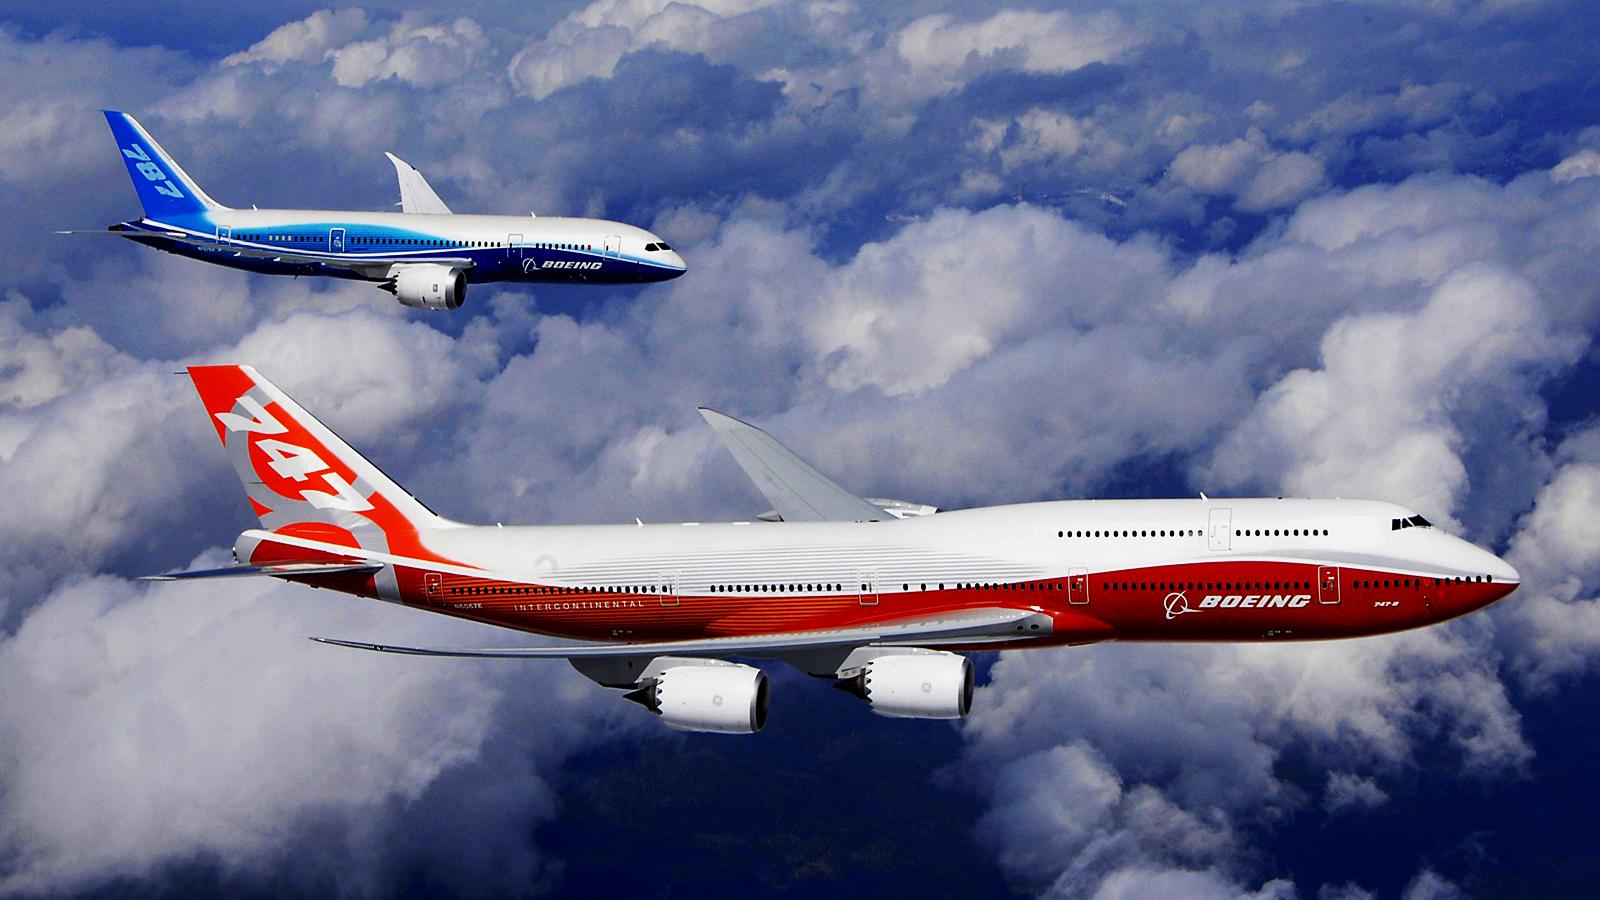 http://3.bp.blogspot.com/-QYs4M1pXrNE/TyrROcxQ2II/AAAAAAAAAgc/GiZsrqFD-2Q/s1600/Blue_and_Red_Boeing_Planes_Sky_Hd_Wallpaper-Vvallpaper.Net.jpg